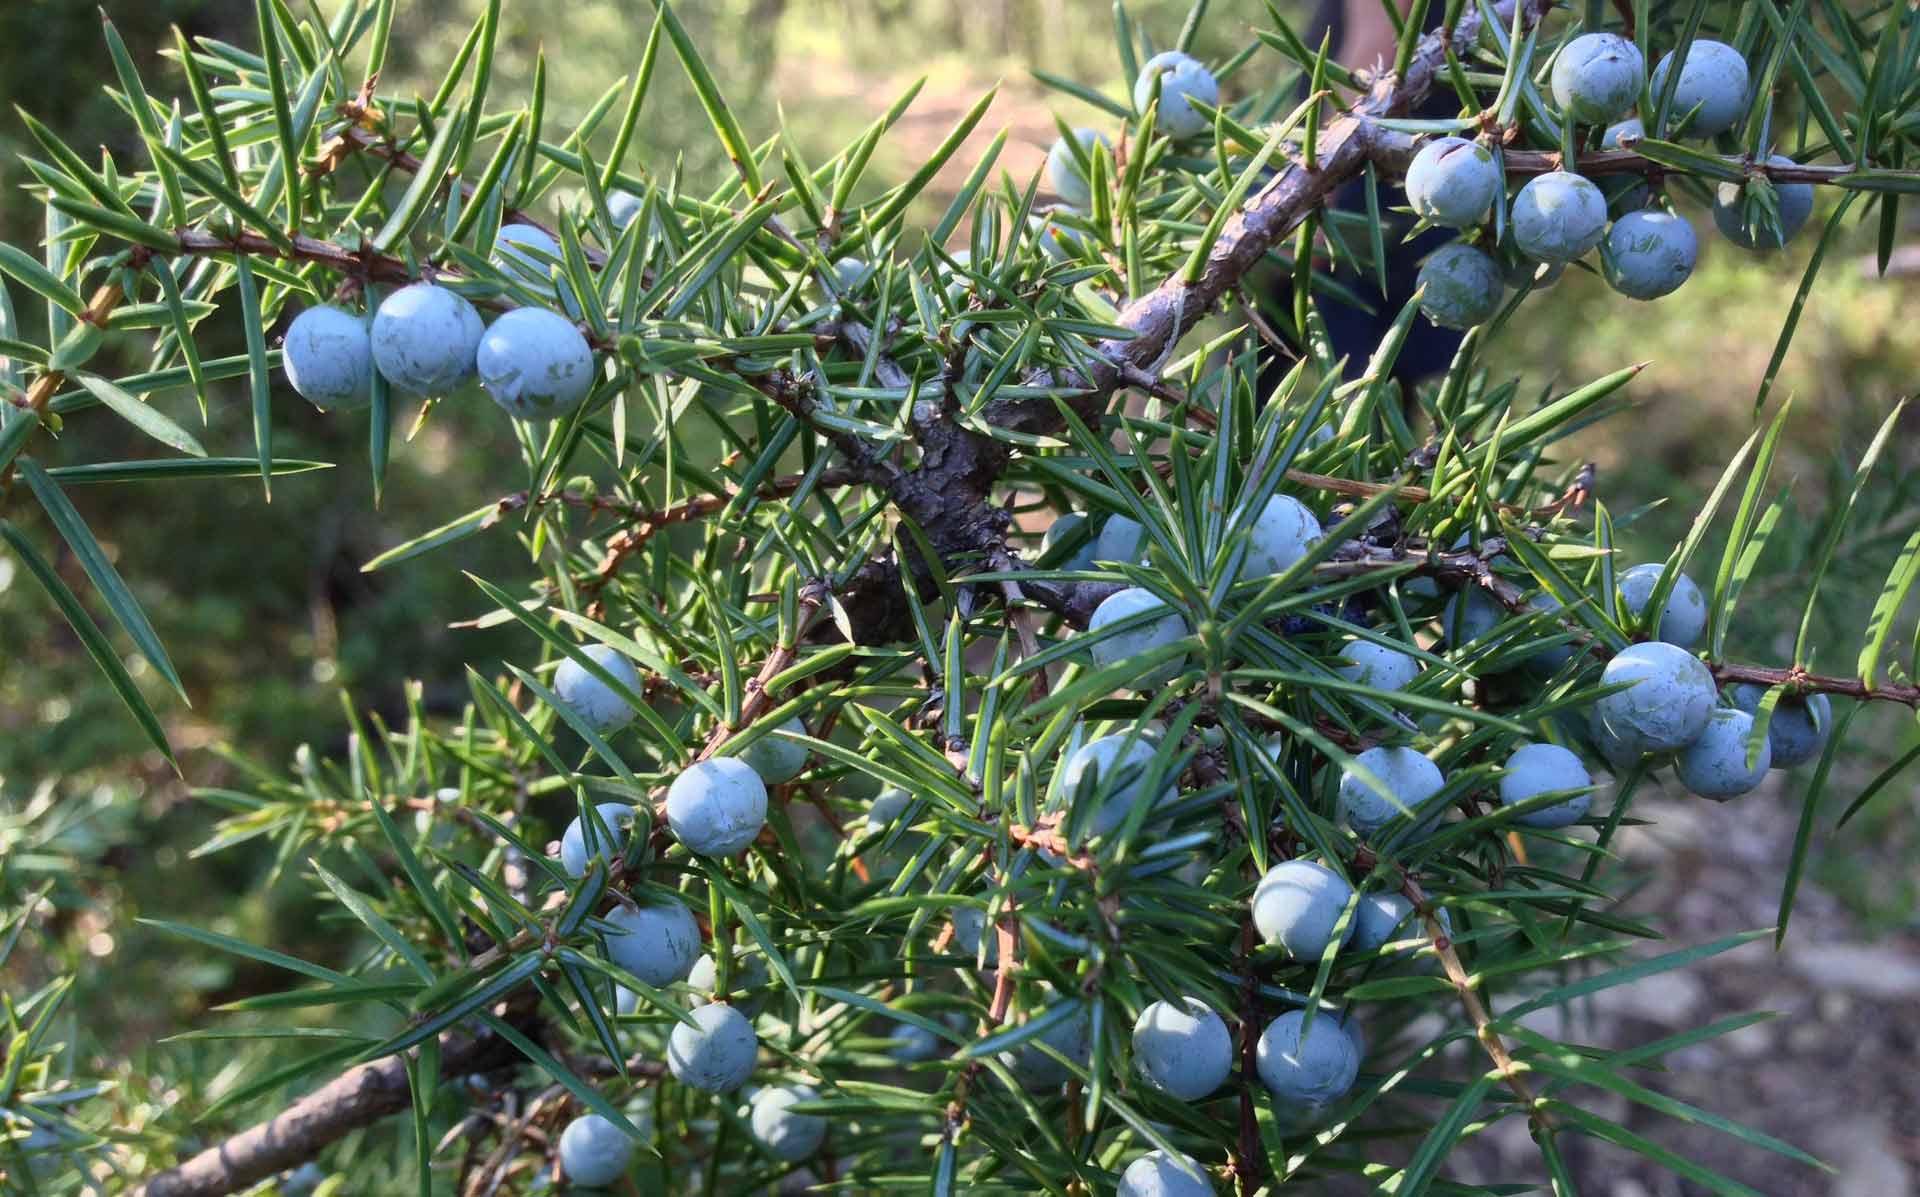 Picking juniper berries